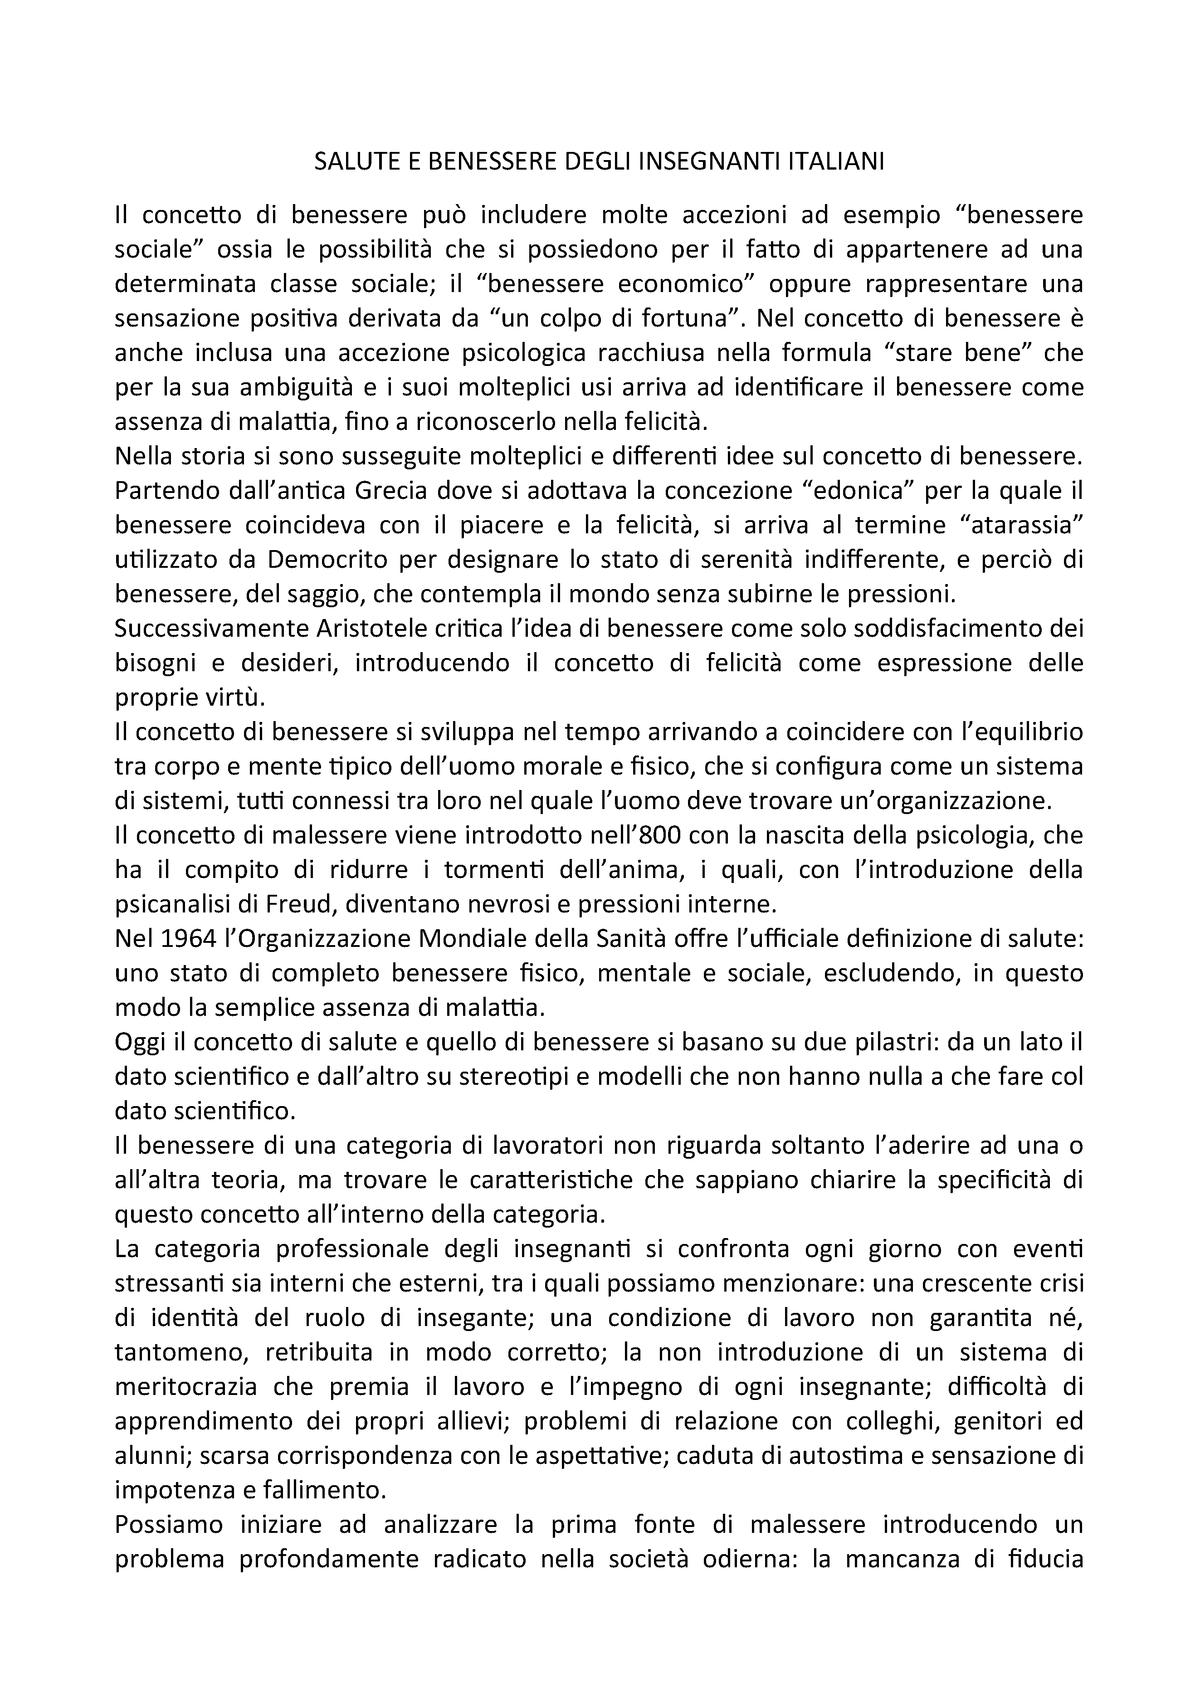 Salute E Benessere Degli Insegnanti Italiani Unimib Studocu